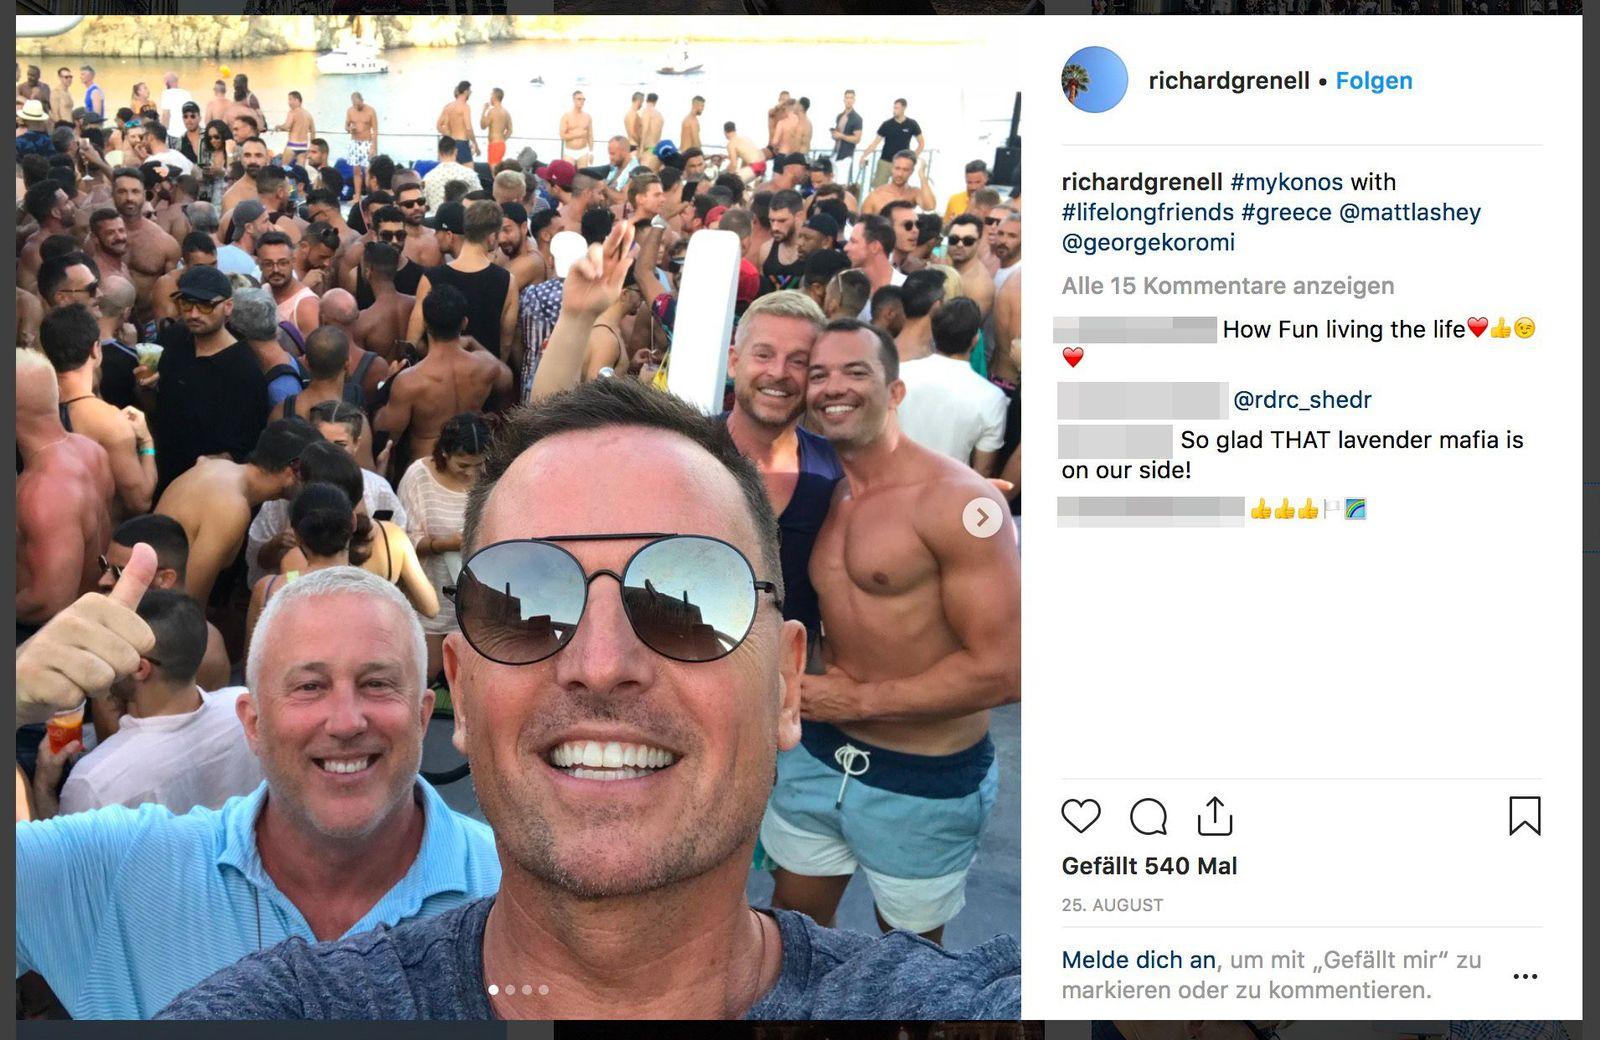 EINMALIGE VERWENDUNG SPIN SP 3/2019 S. 26 Grenell Instagram